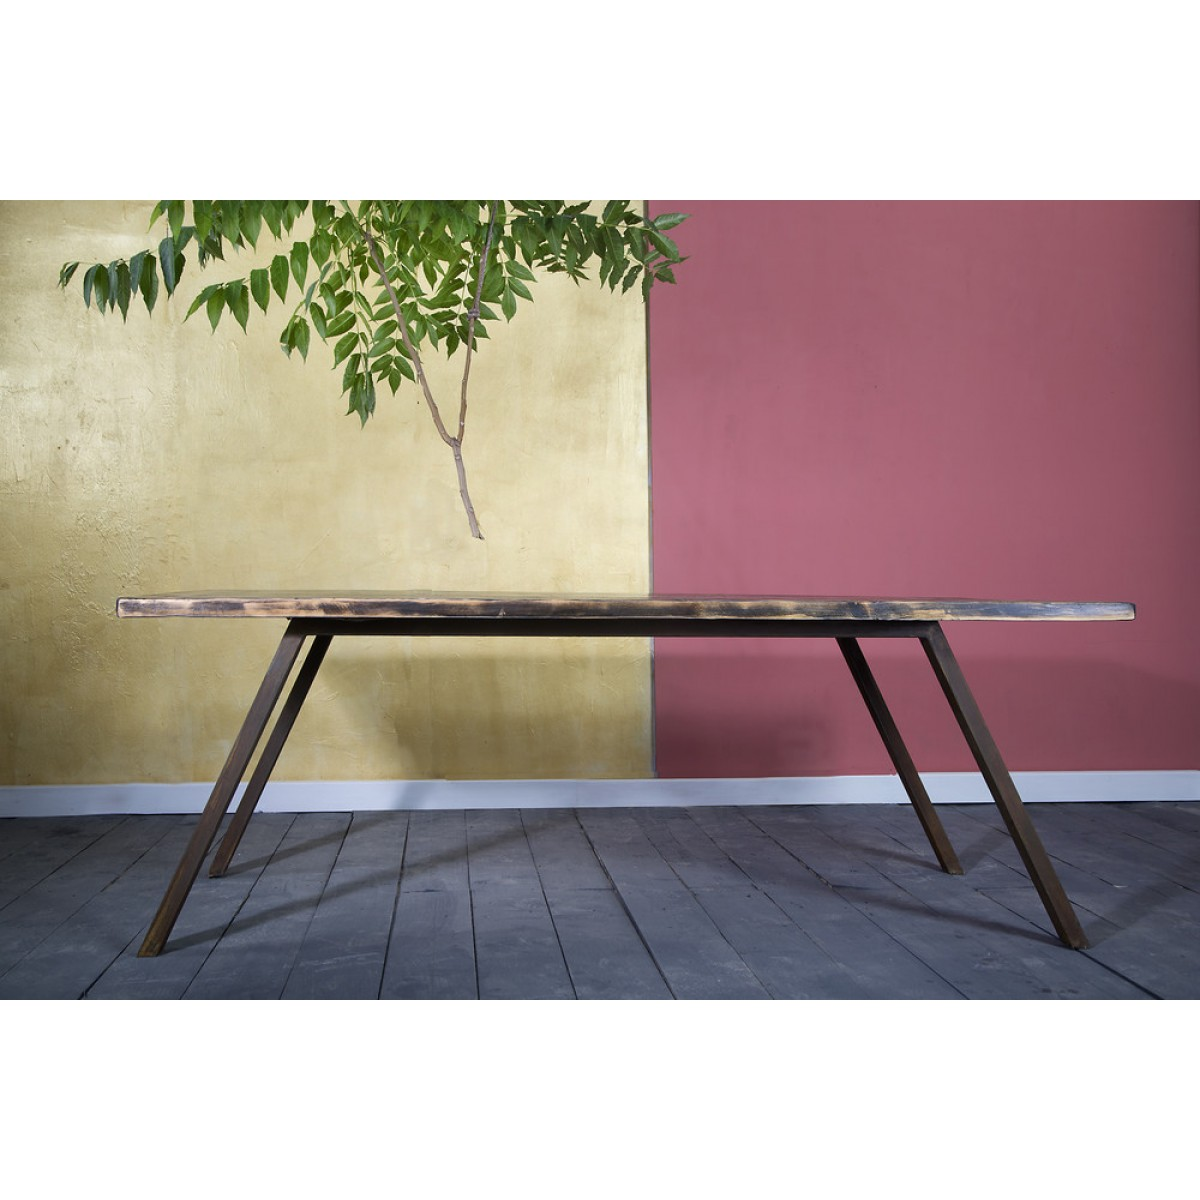 FraaiBerlin D - 100 x 220 cm, Tisch Aleida